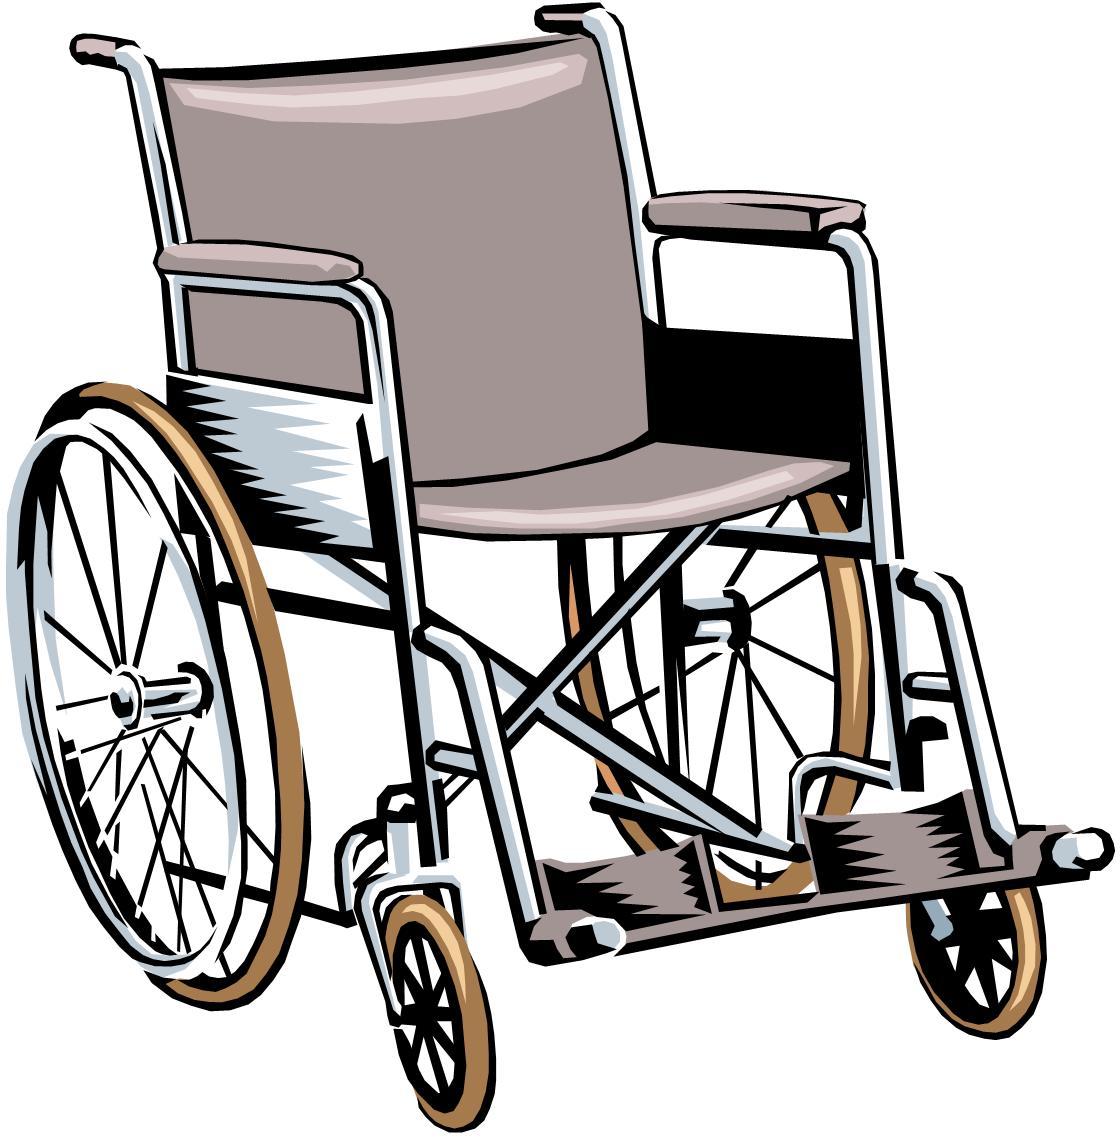 1120x1139 Wheelchair Clipart